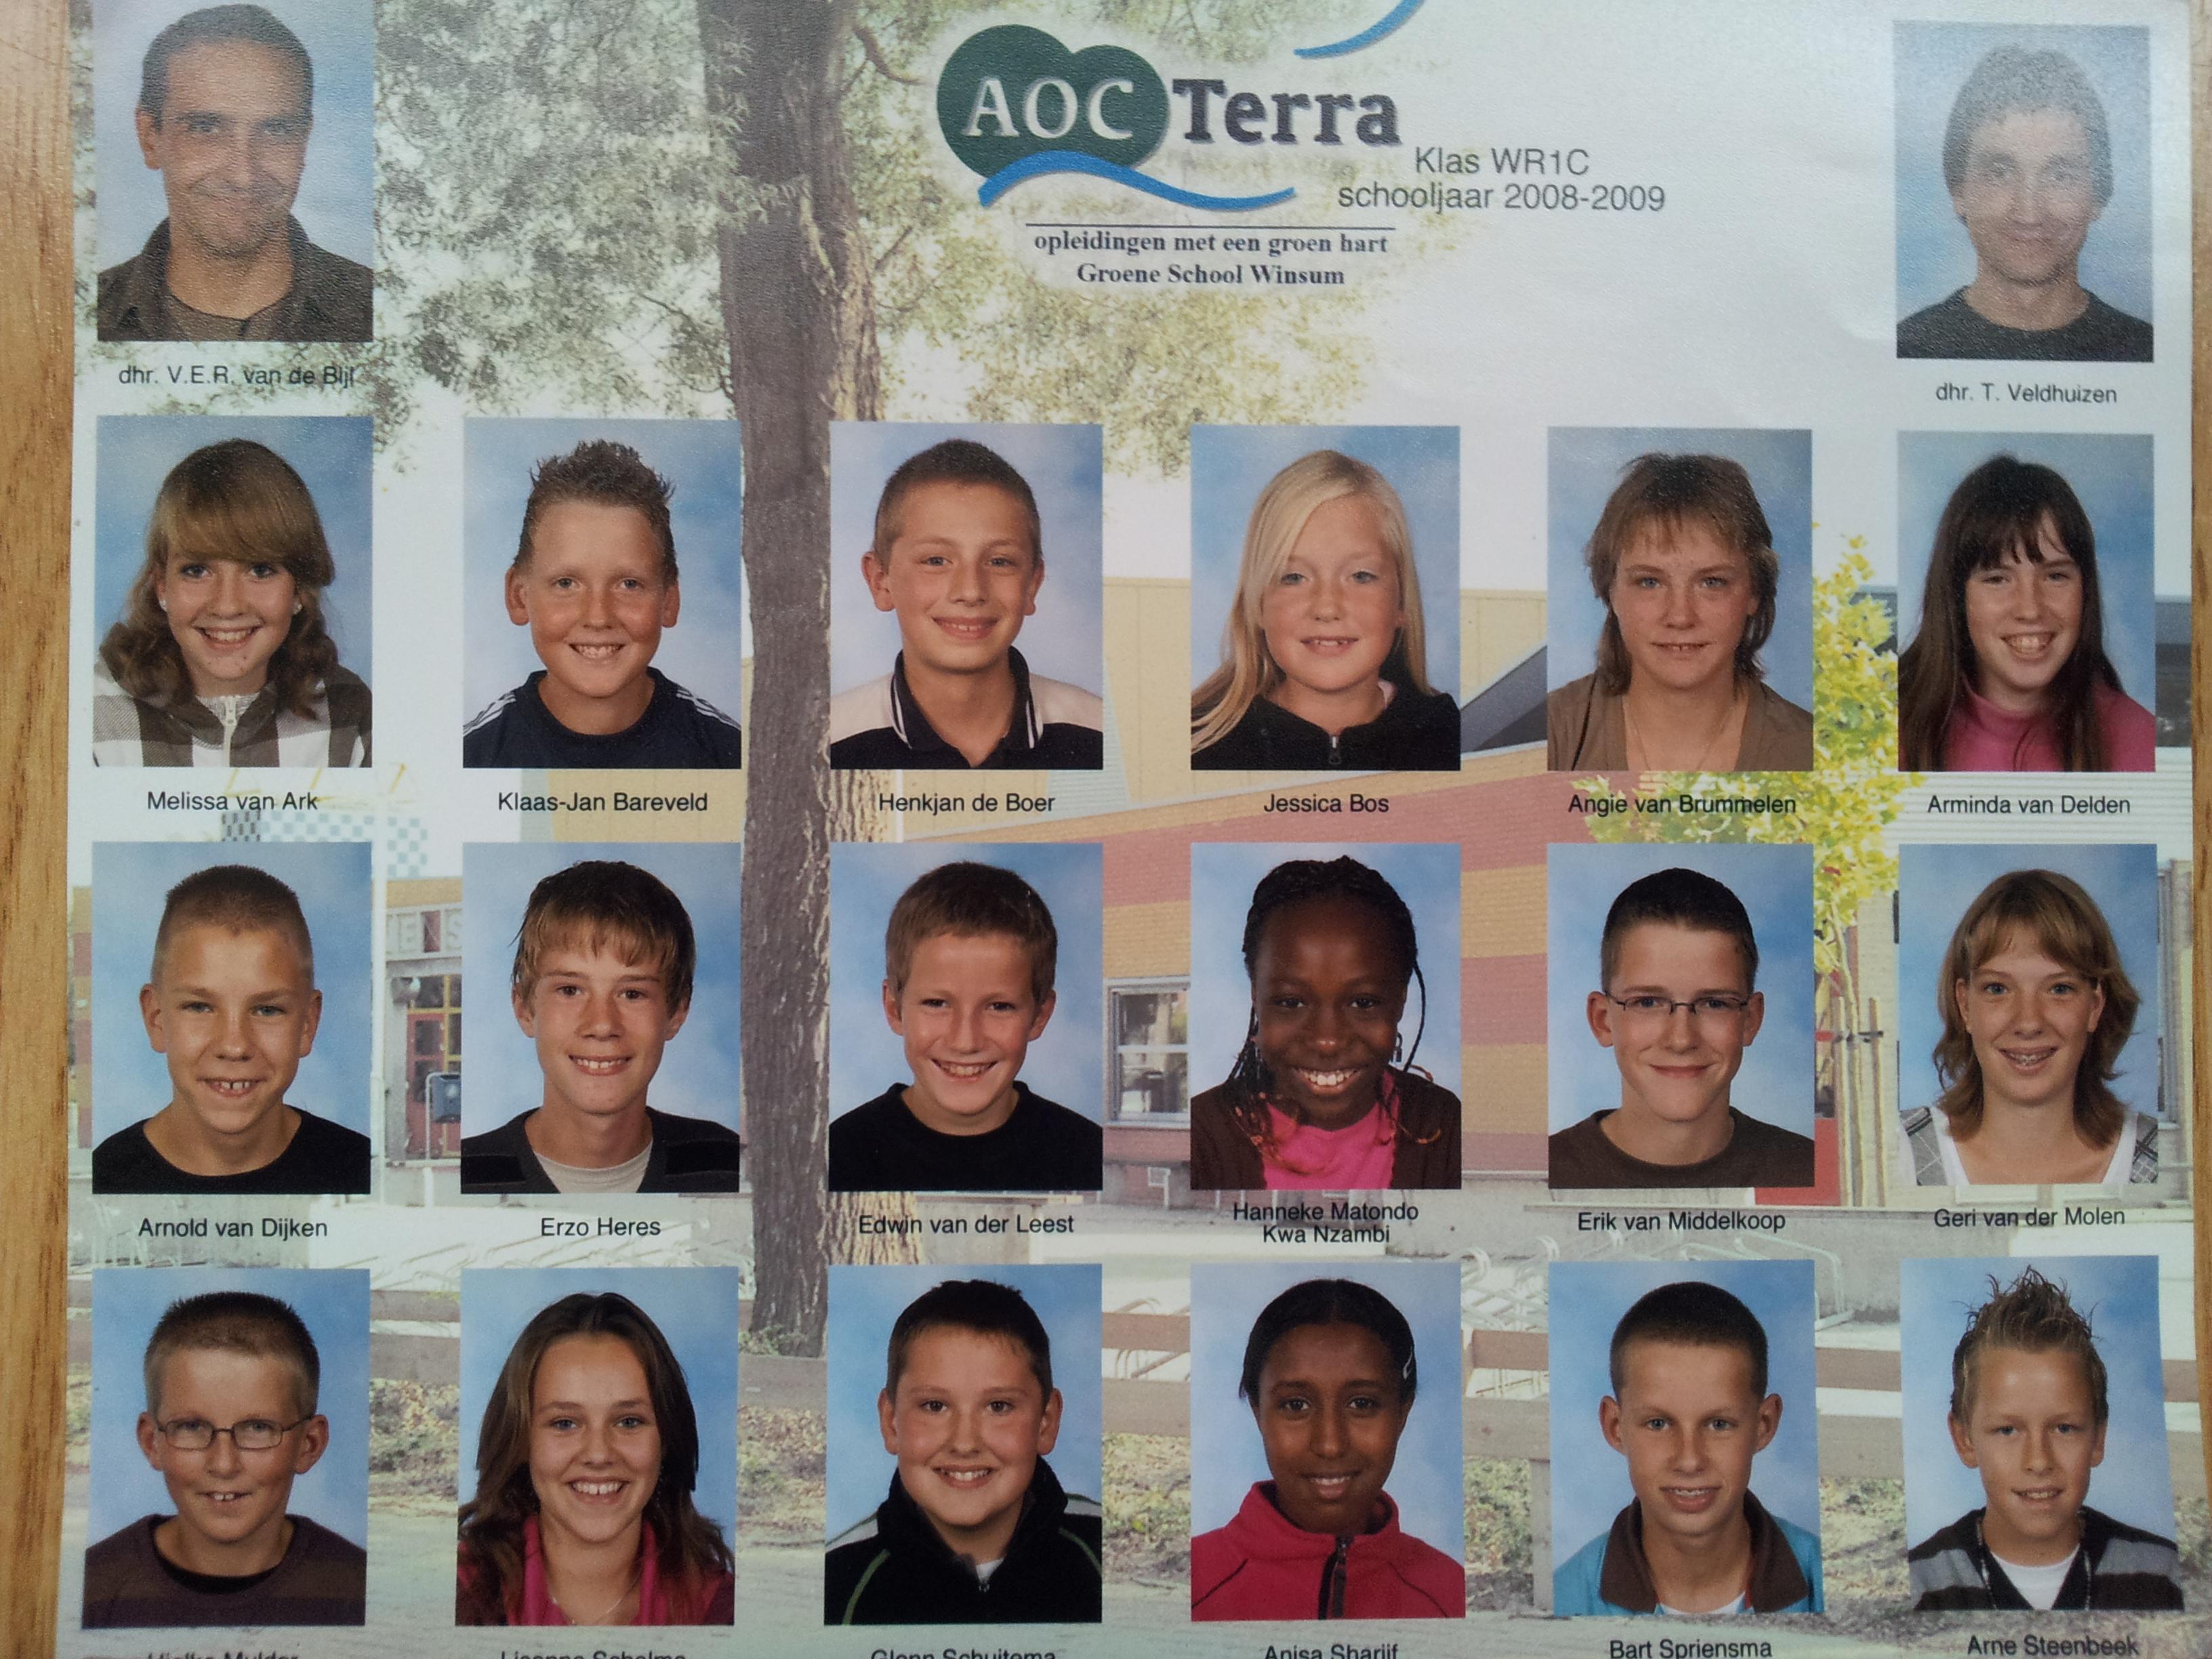 AOC Terra / Groene School foto